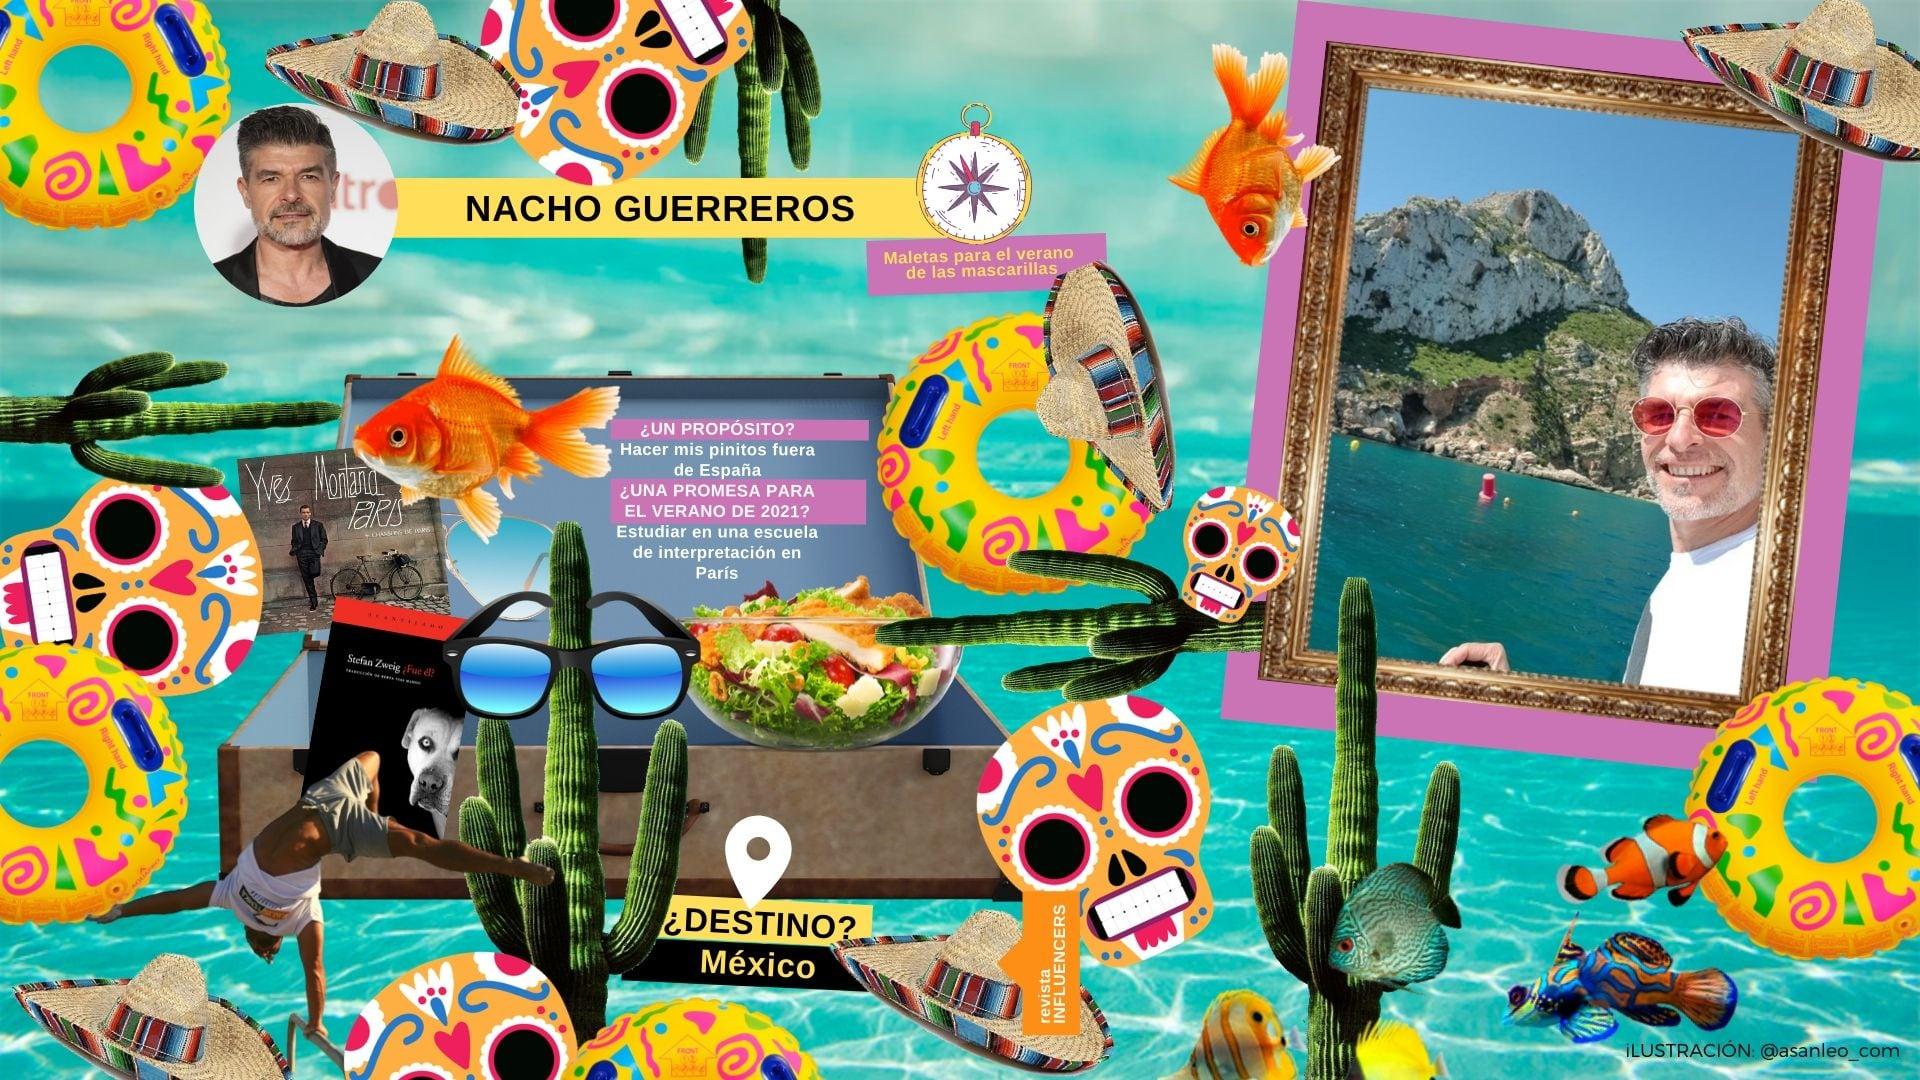 Nacho Guerreros maleta